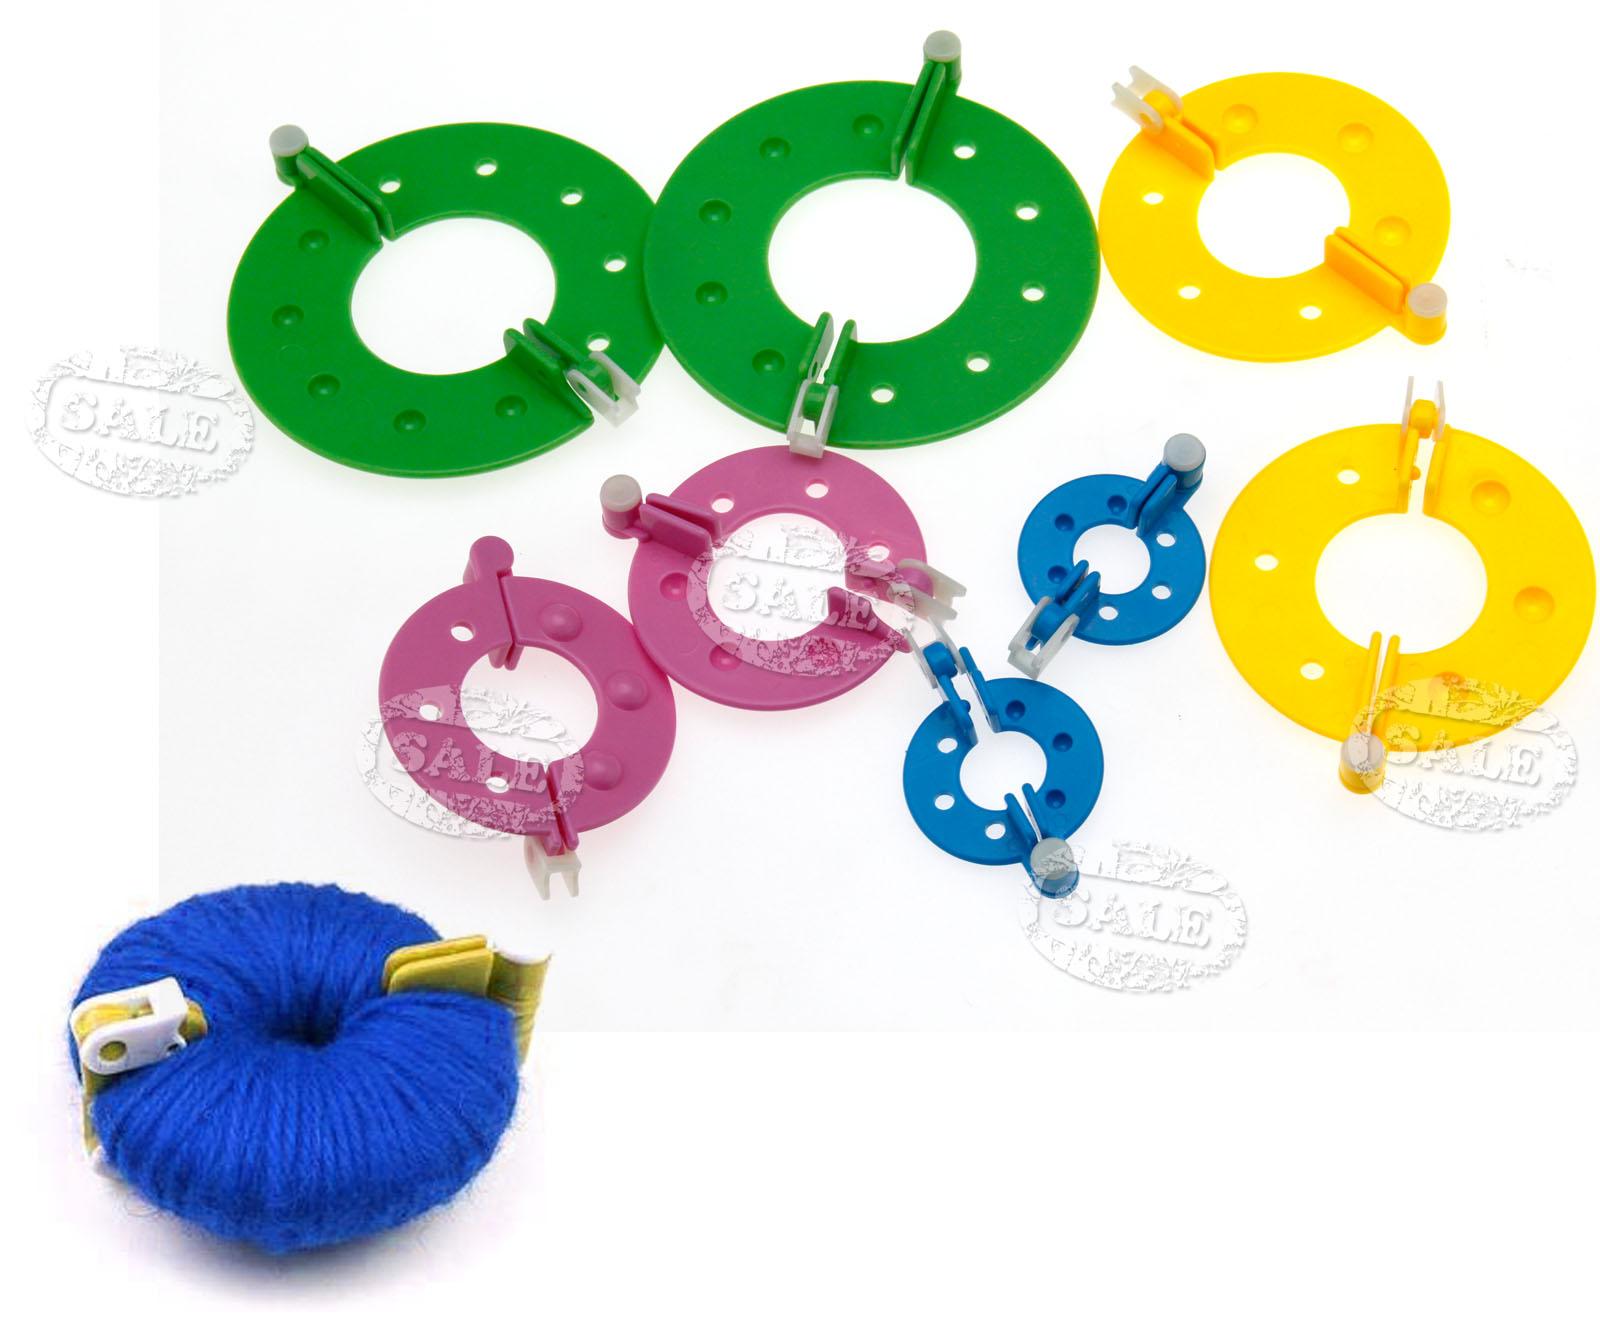 Knitting Loom Pom Pom Maker : New knitting tool kit cm loom rings pompom